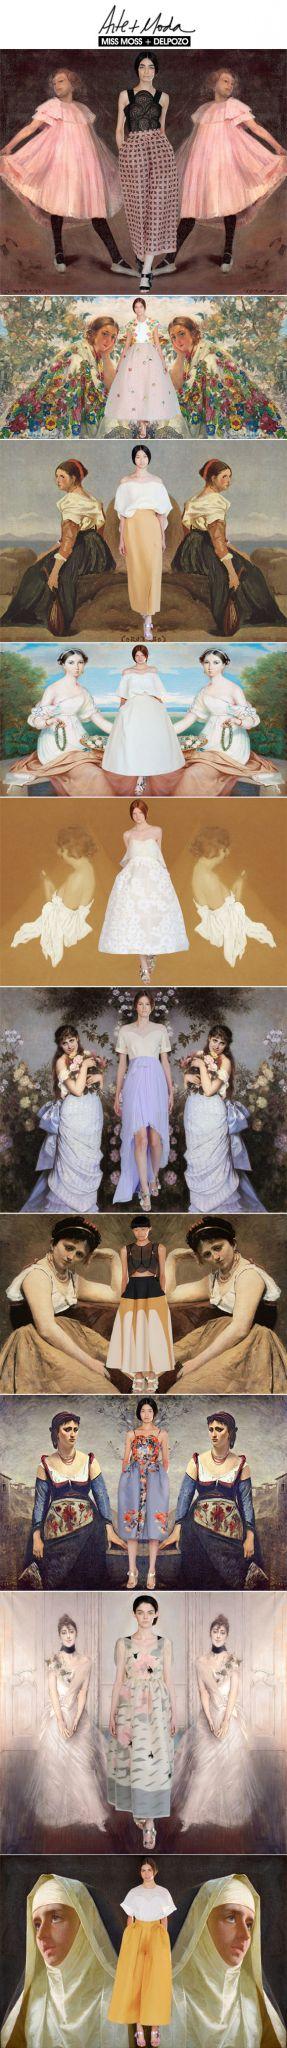 Achados da Bia | Moda + Arte | Comparison Series | Miss Moss | Delpozo